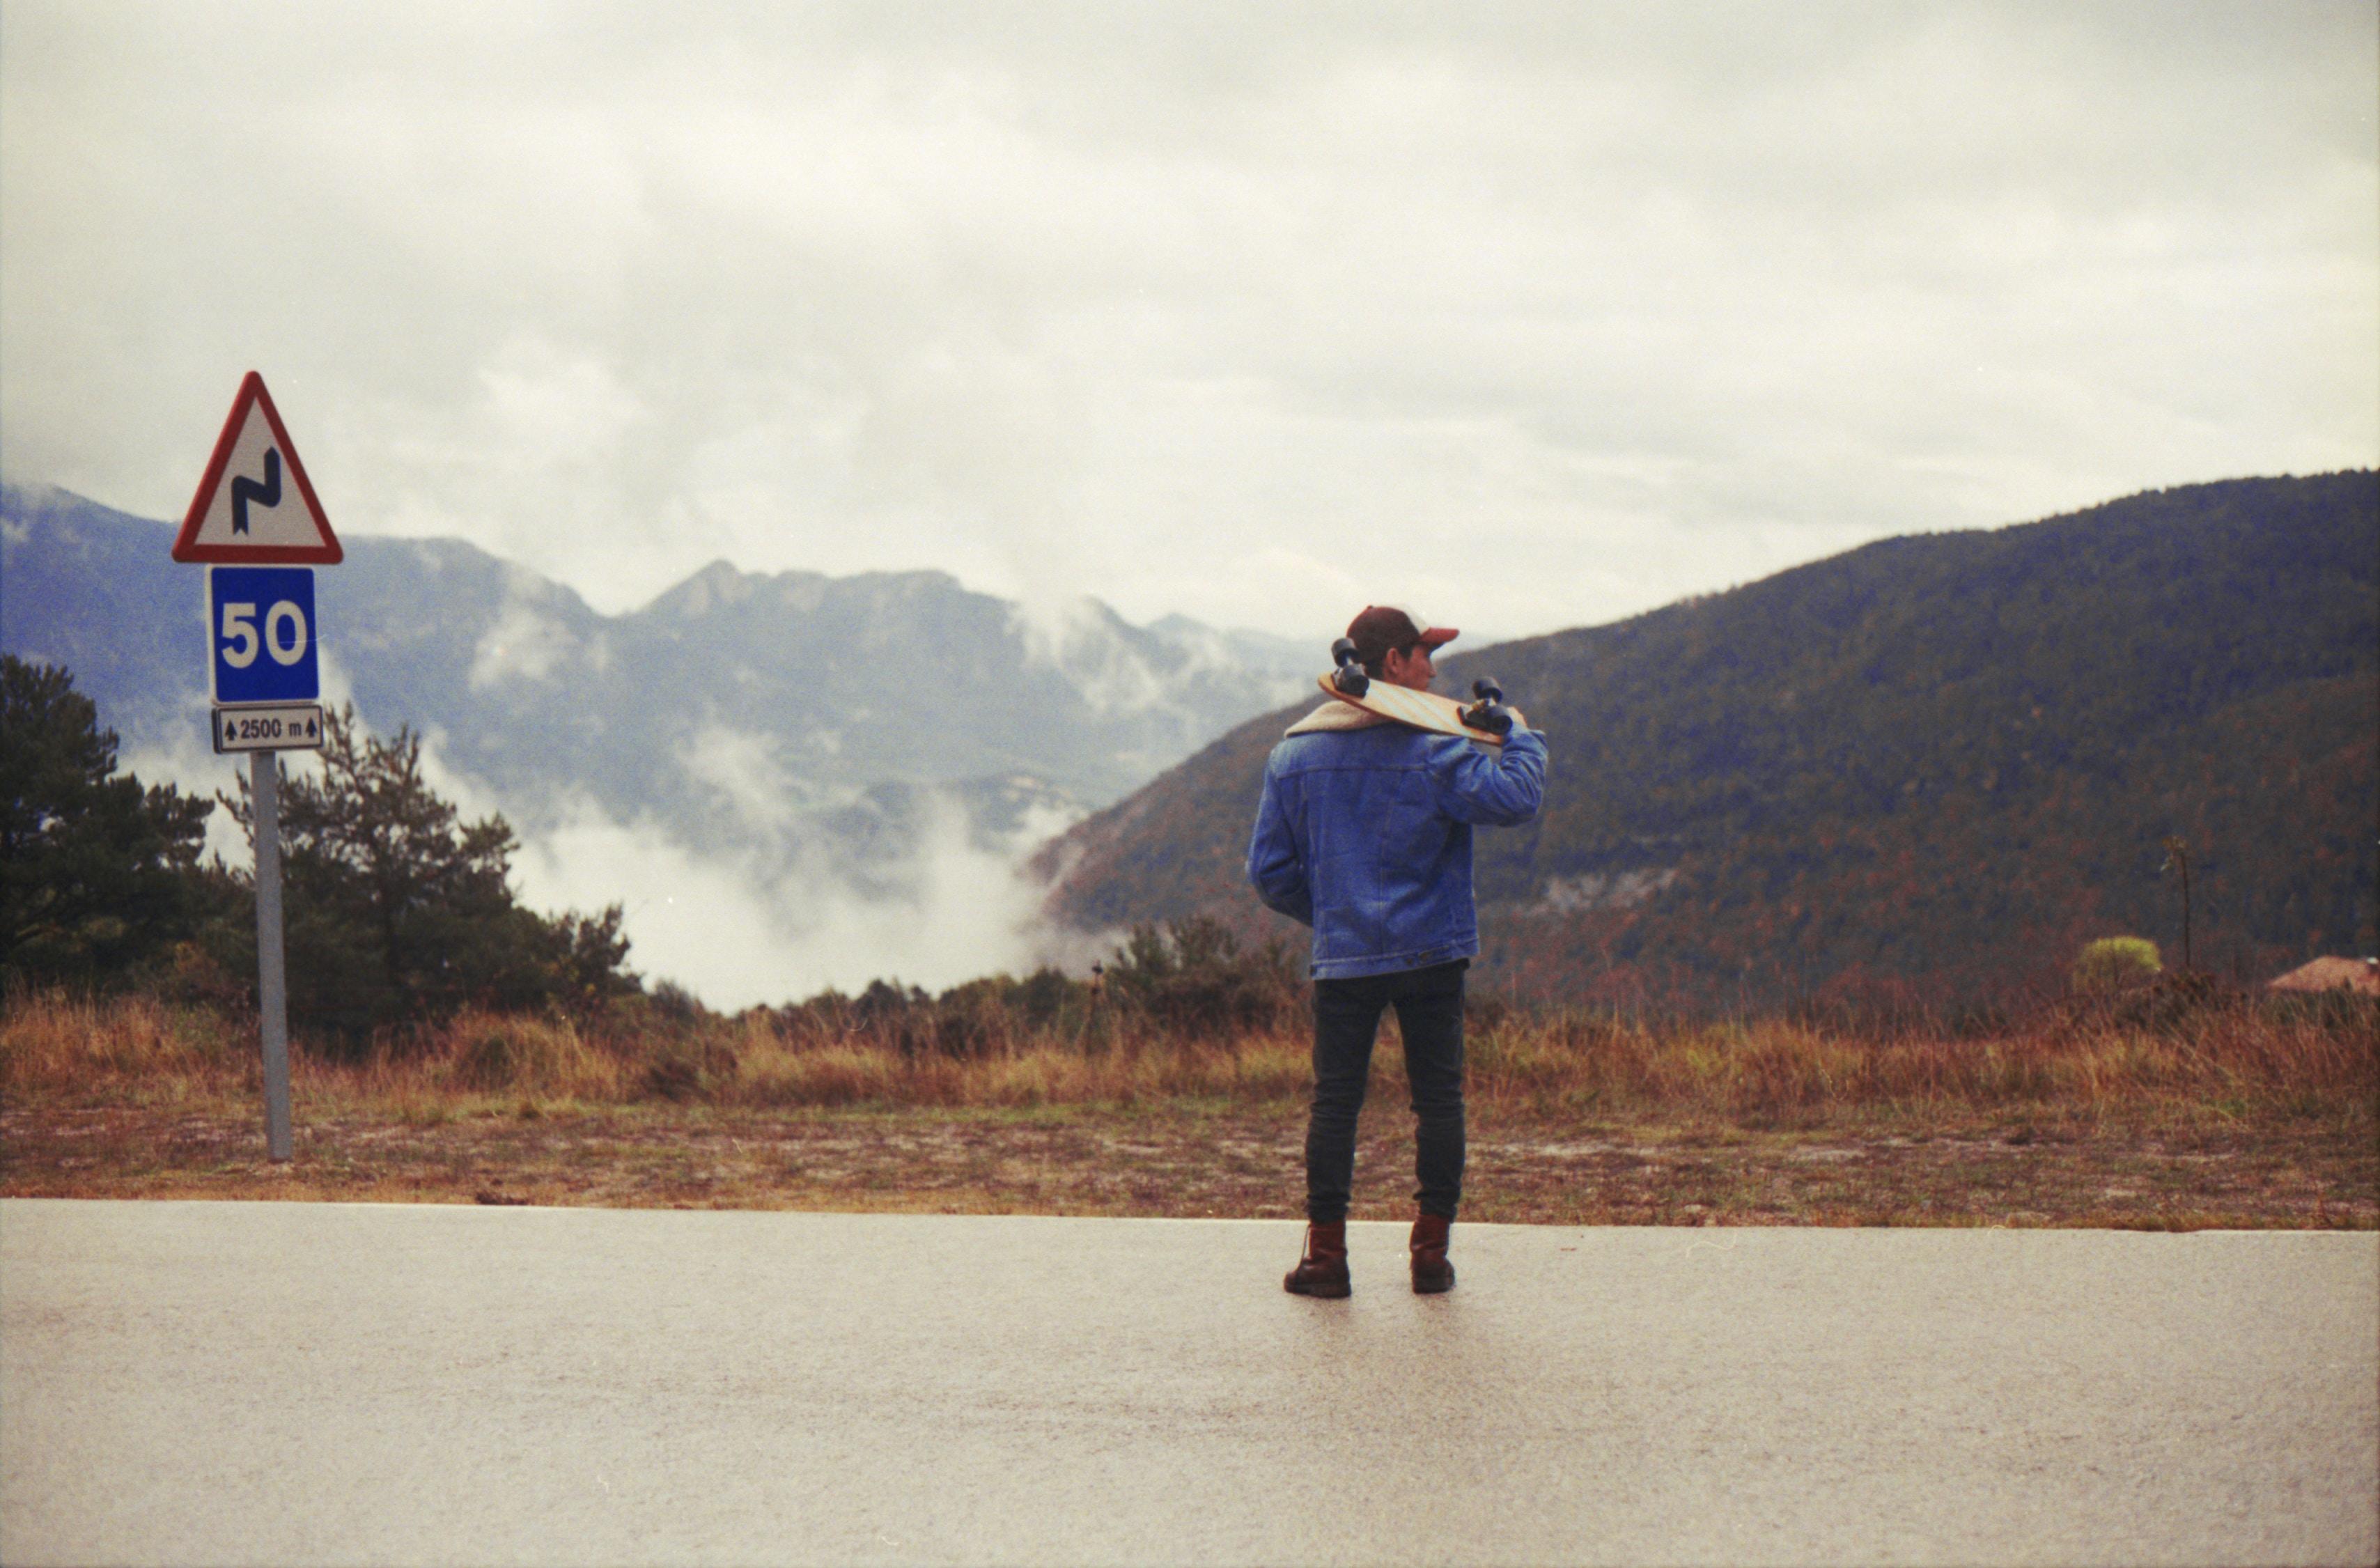 man in blue jacket carrying skateboard